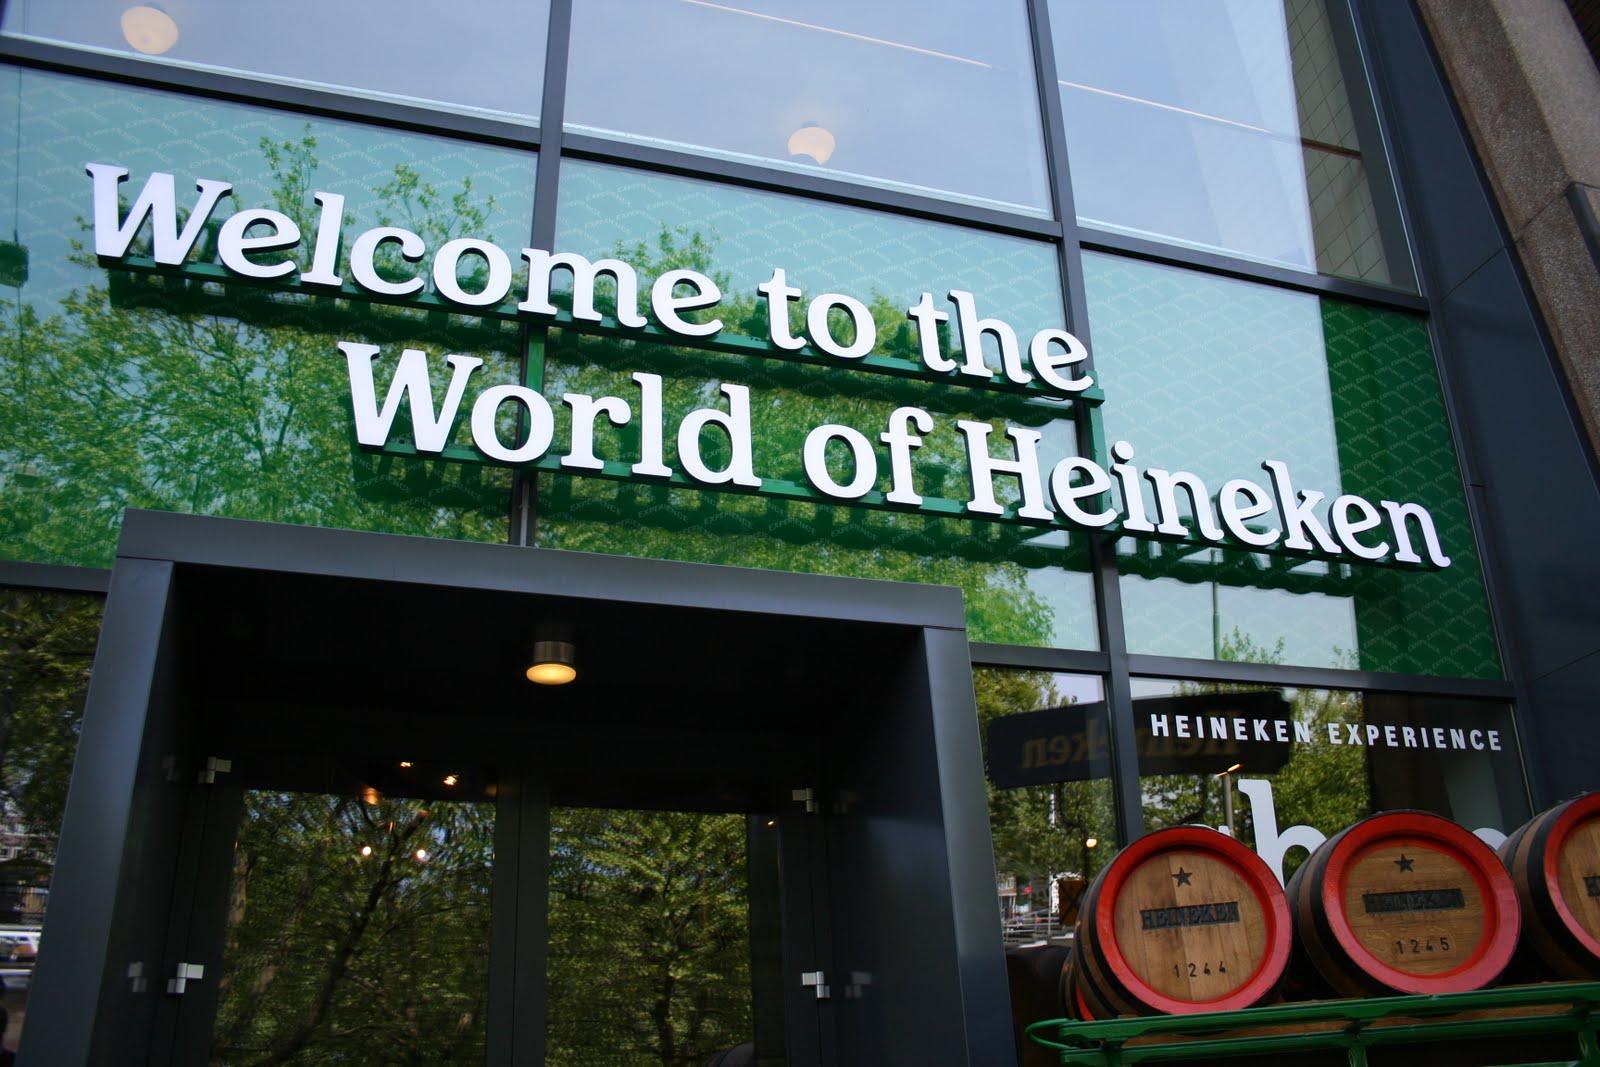 Tour Heineken Amsterdam